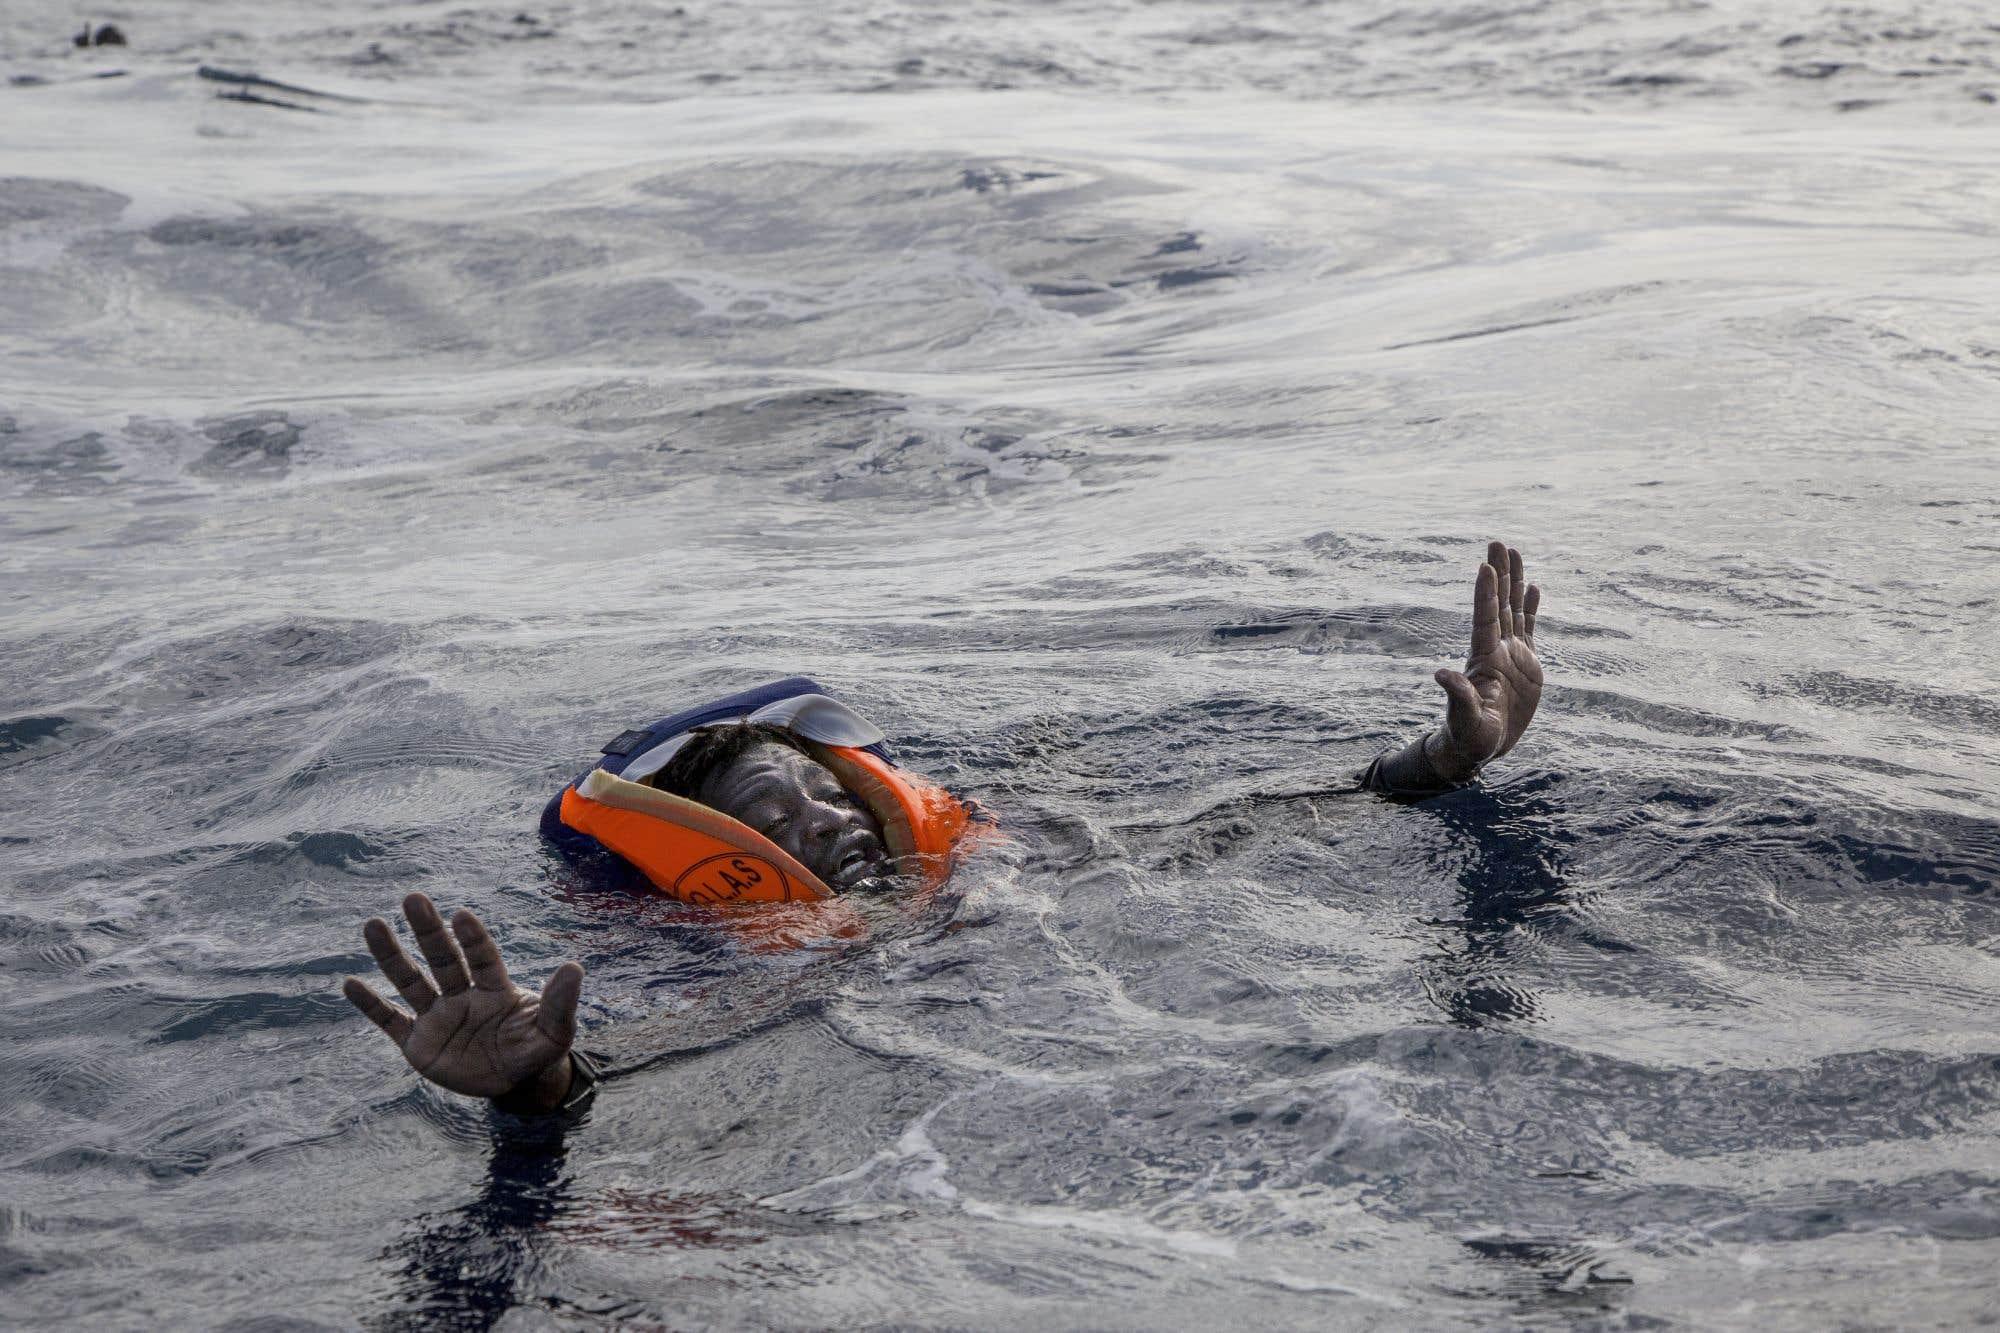 Un migrant tente de monter à bord d'un bateau de l'ONG allemande Sea-Watch en mer Méditerranée. Lors d'un nouveau naufrage, cinq personnes sont décédées, dont un jeune enfant. L'ONG a vivement montré du doigt le comportement « brutal » des garde-côtes libyens. La rudesse de leur équipage venu au secours des migrants aurait fait tomber plusieurs d'entre eux à l'eau. Depuis le début de l'année, plus de 111 000 migrants sont arrivés en Europe par la mer et plus de 2385 ont perdu la vie dans la traversée.